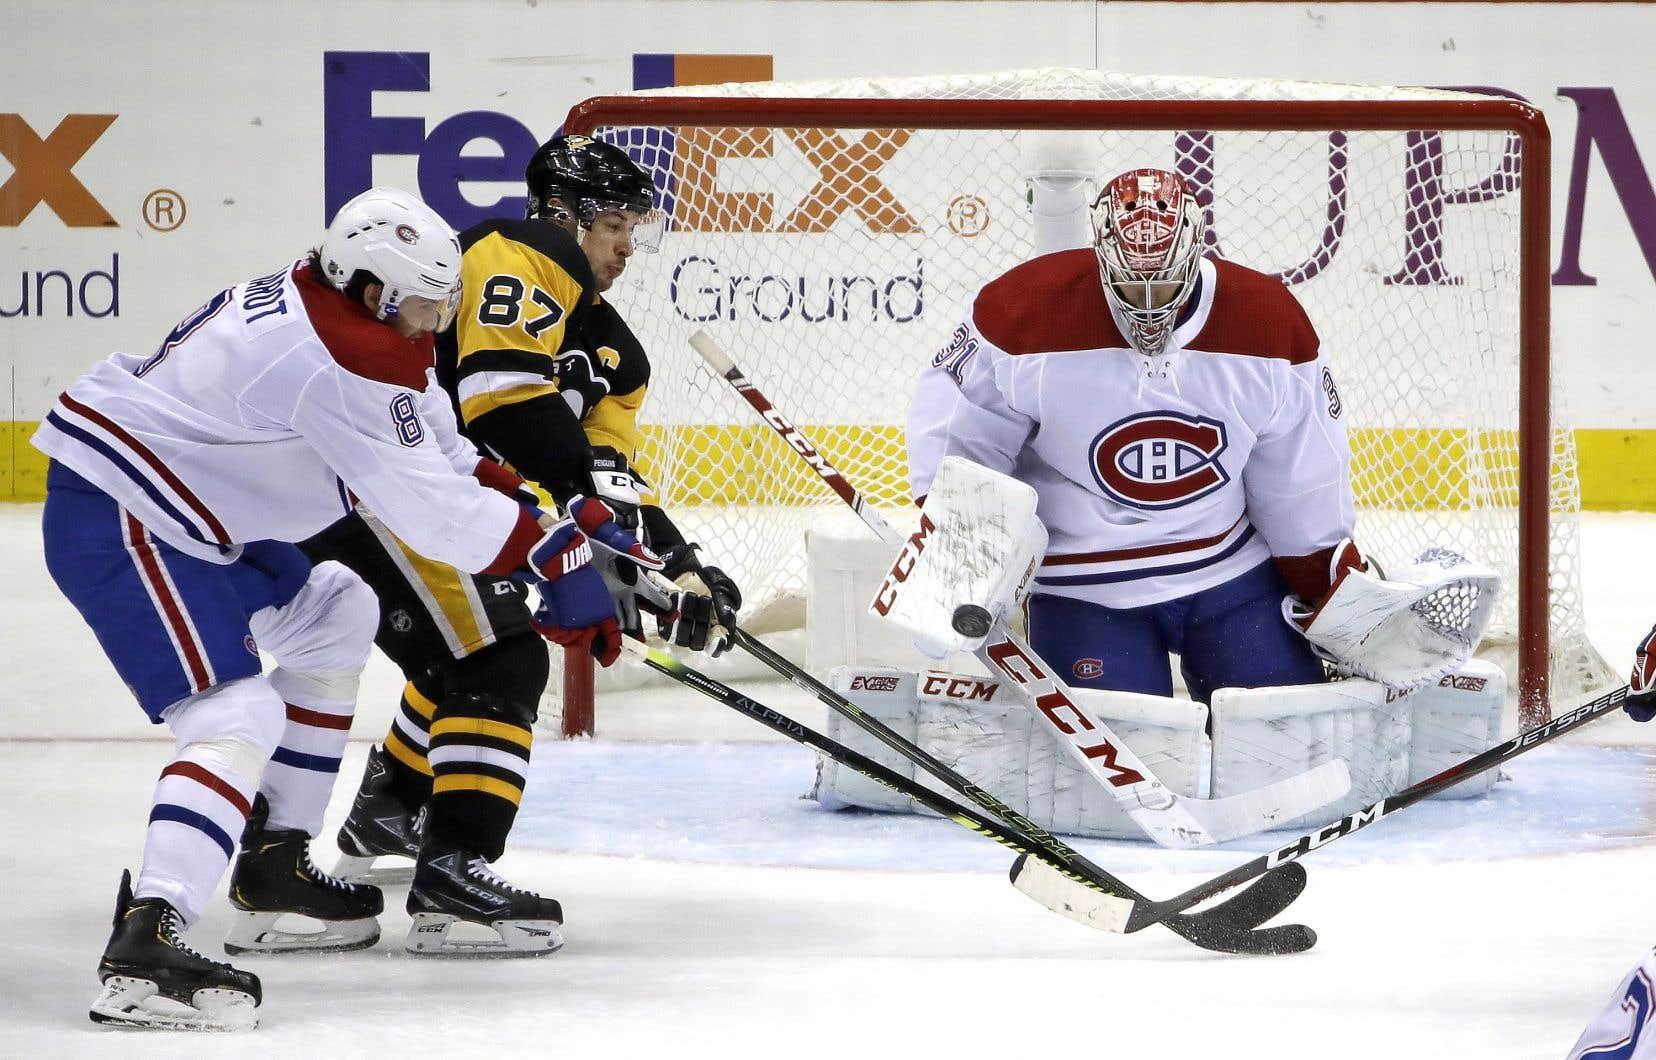 Les Penguins avaient amassé 86 points en 69 matchs avant l'arrêt des activités, tandis que le Tricolore en possédait 71 après autant de rencontres.